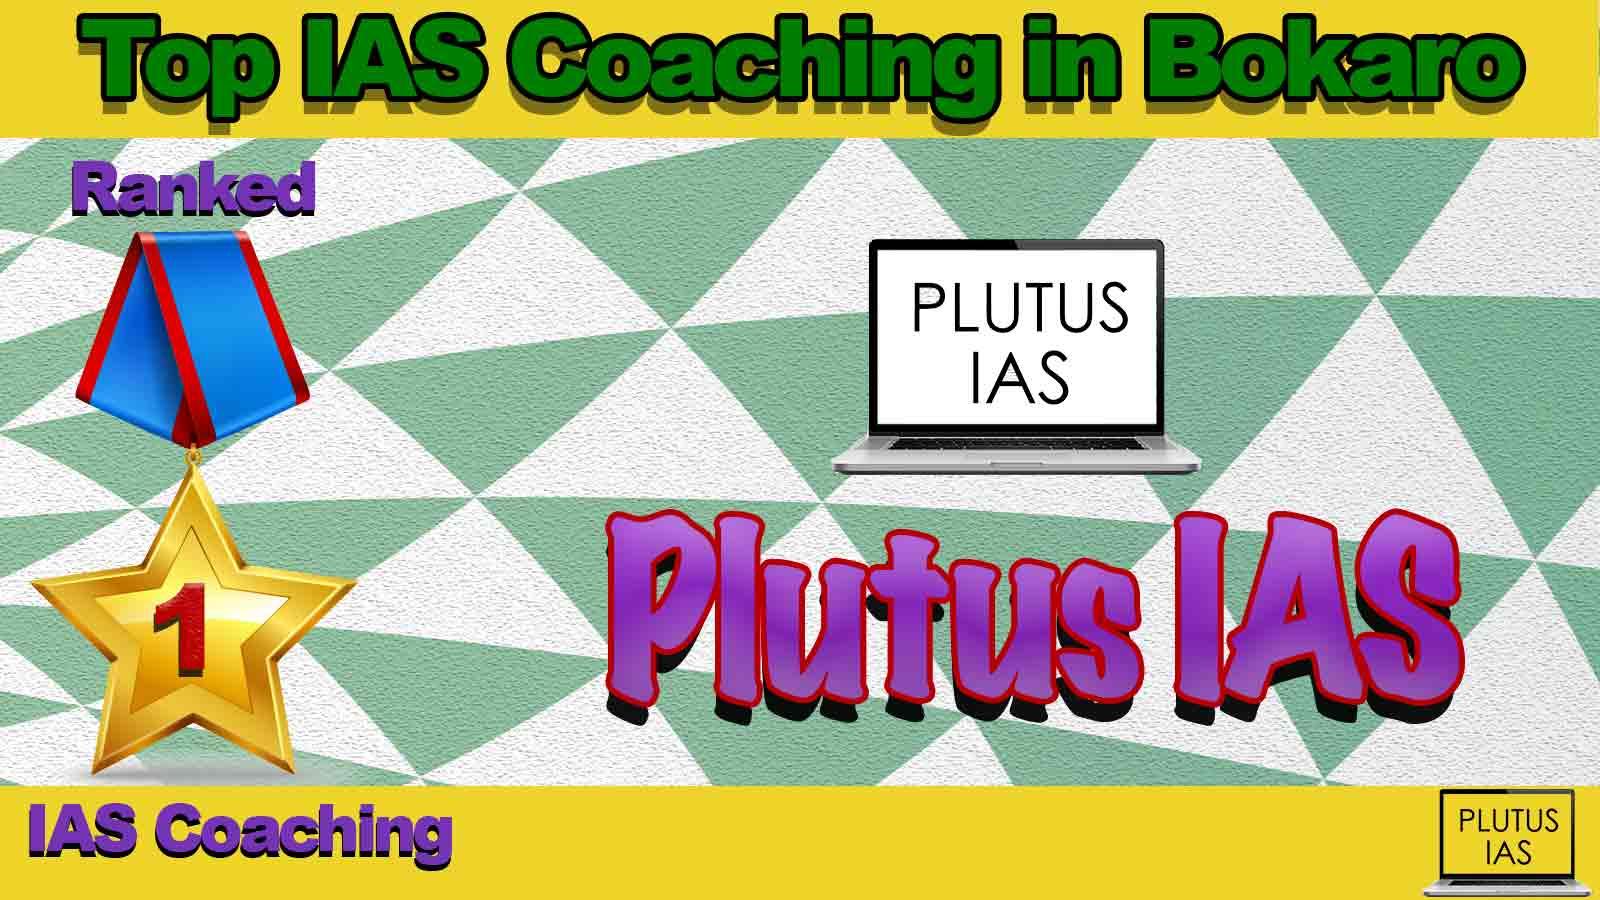 Top IAS Coaching in Bokaro